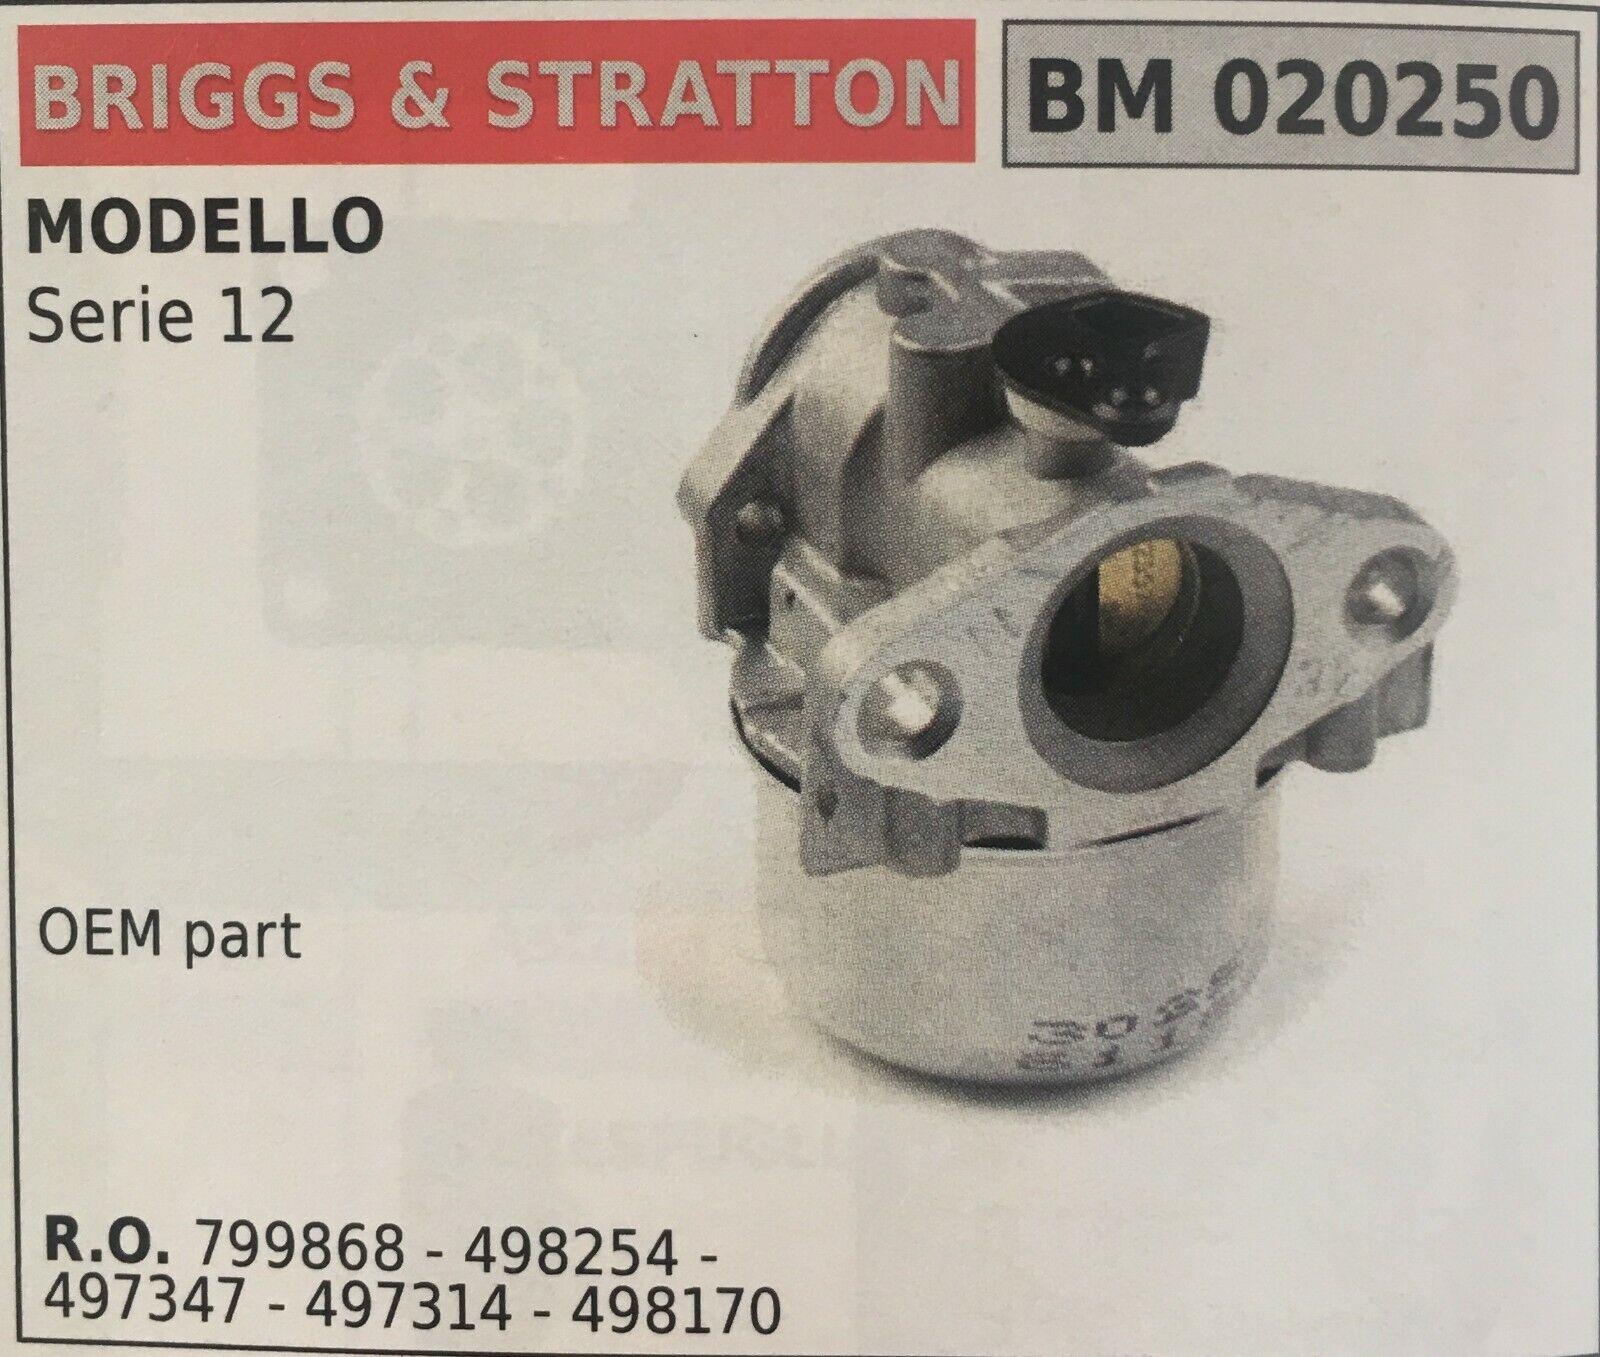 CocheBURATORE A VASCHETTA BRUMAR BRIGGS&STRATTON BM020250 MODELLO Serie 12